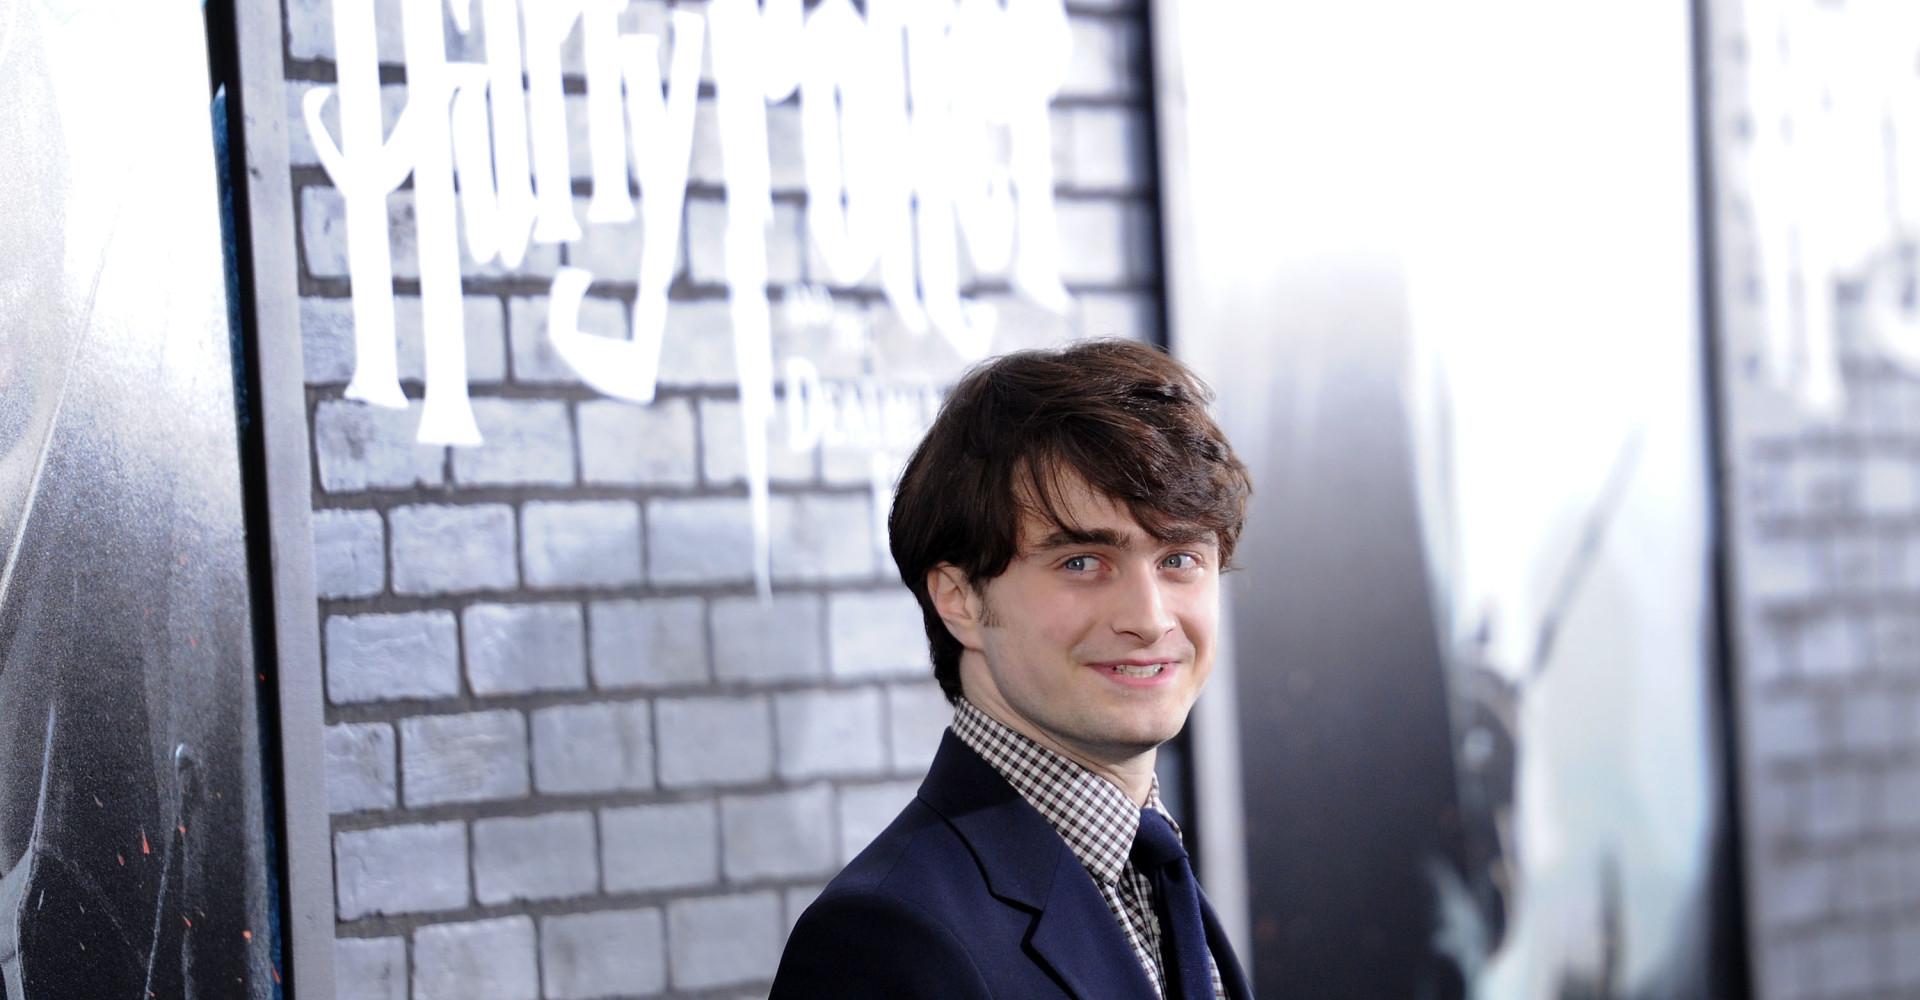 Daniel Radcliffe rivela di non essersi mai sentito a suo agio nei panni d Harry Potter